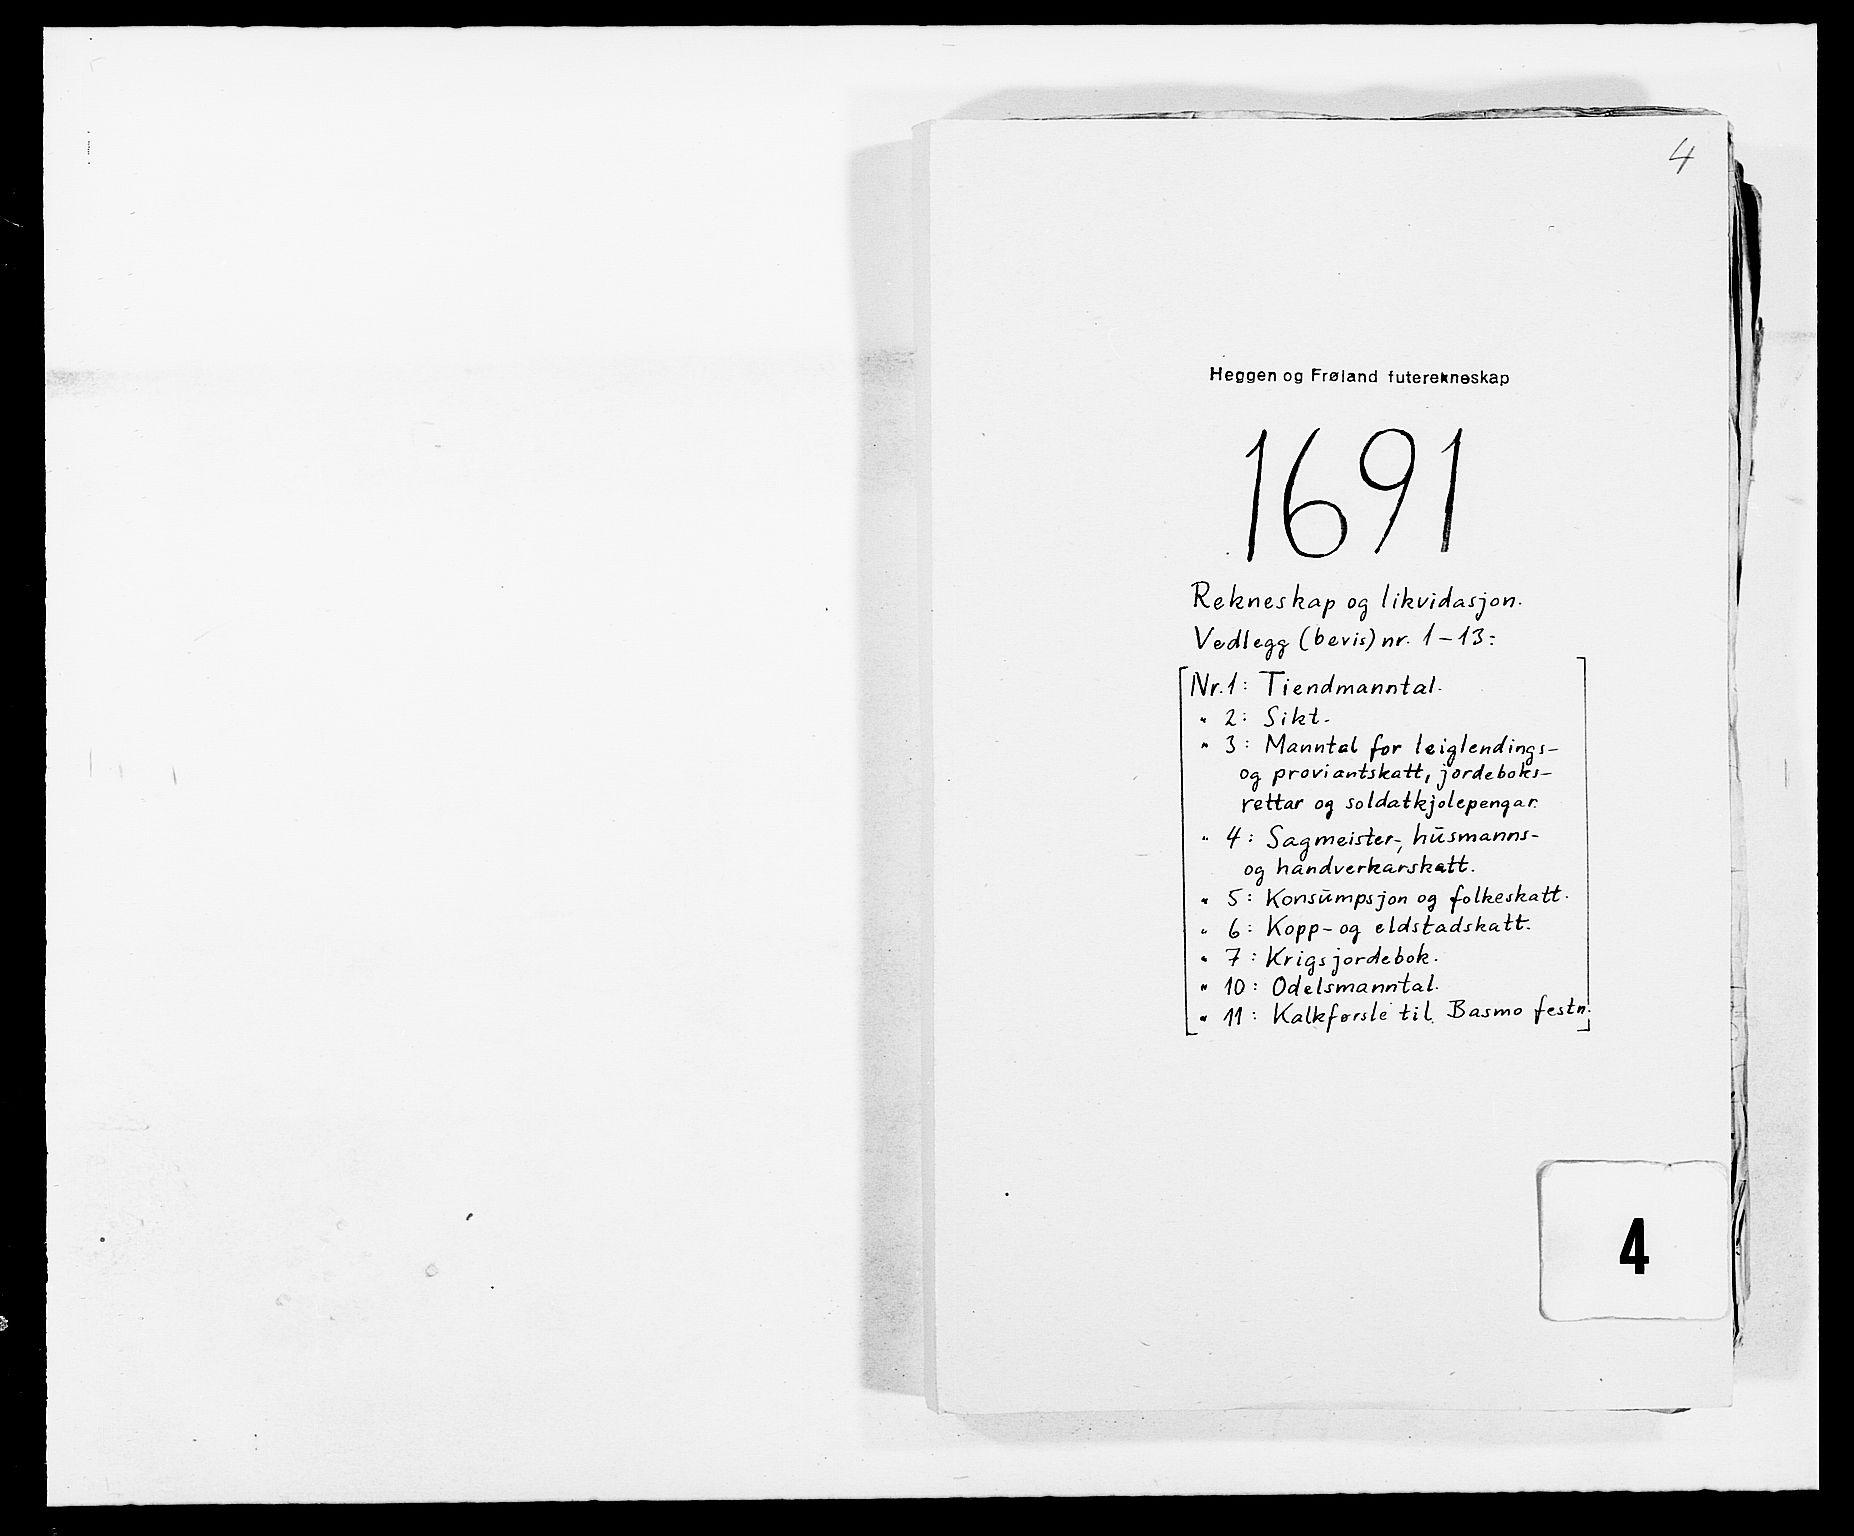 RA, Rentekammeret inntil 1814, Reviderte regnskaper, Fogderegnskap, R06/L0283: Fogderegnskap Heggen og Frøland, 1691-1693, s. 1